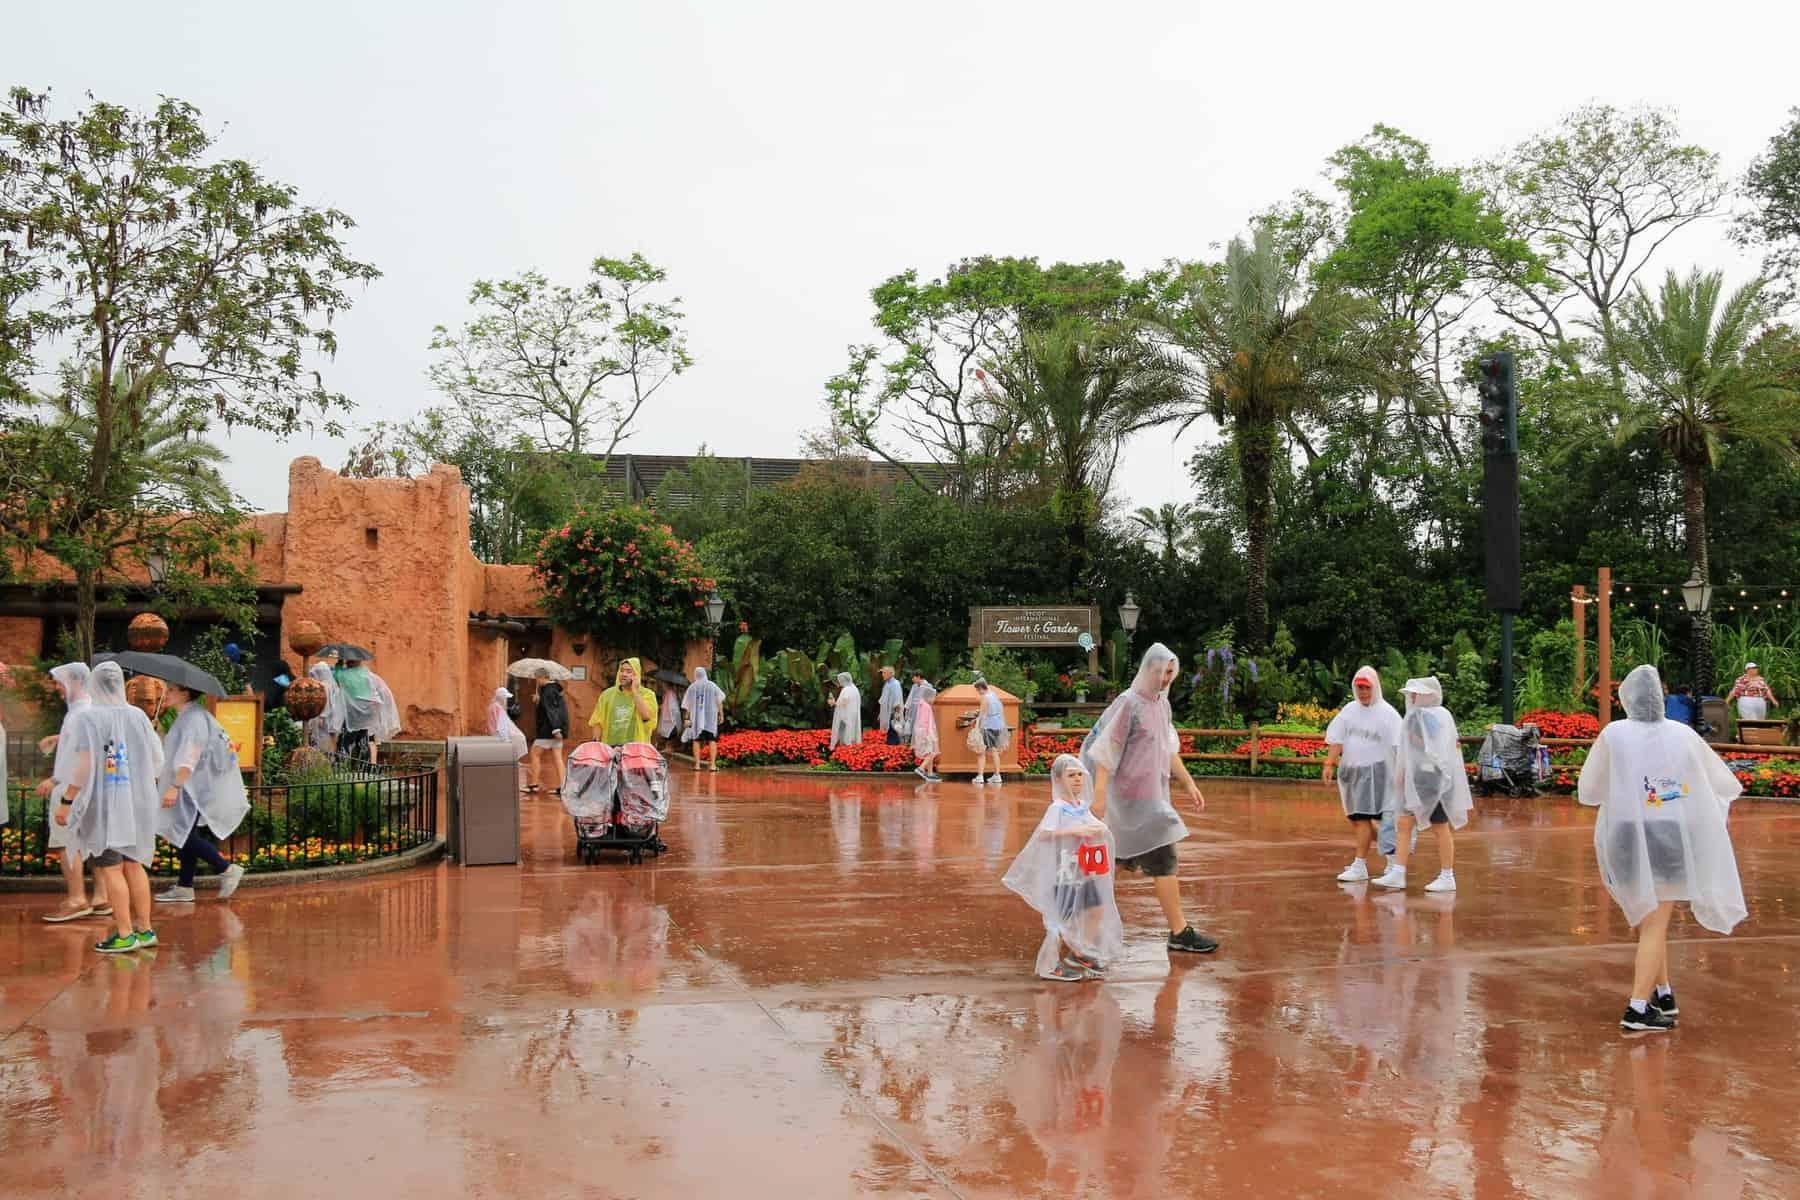 Rain in Epcot